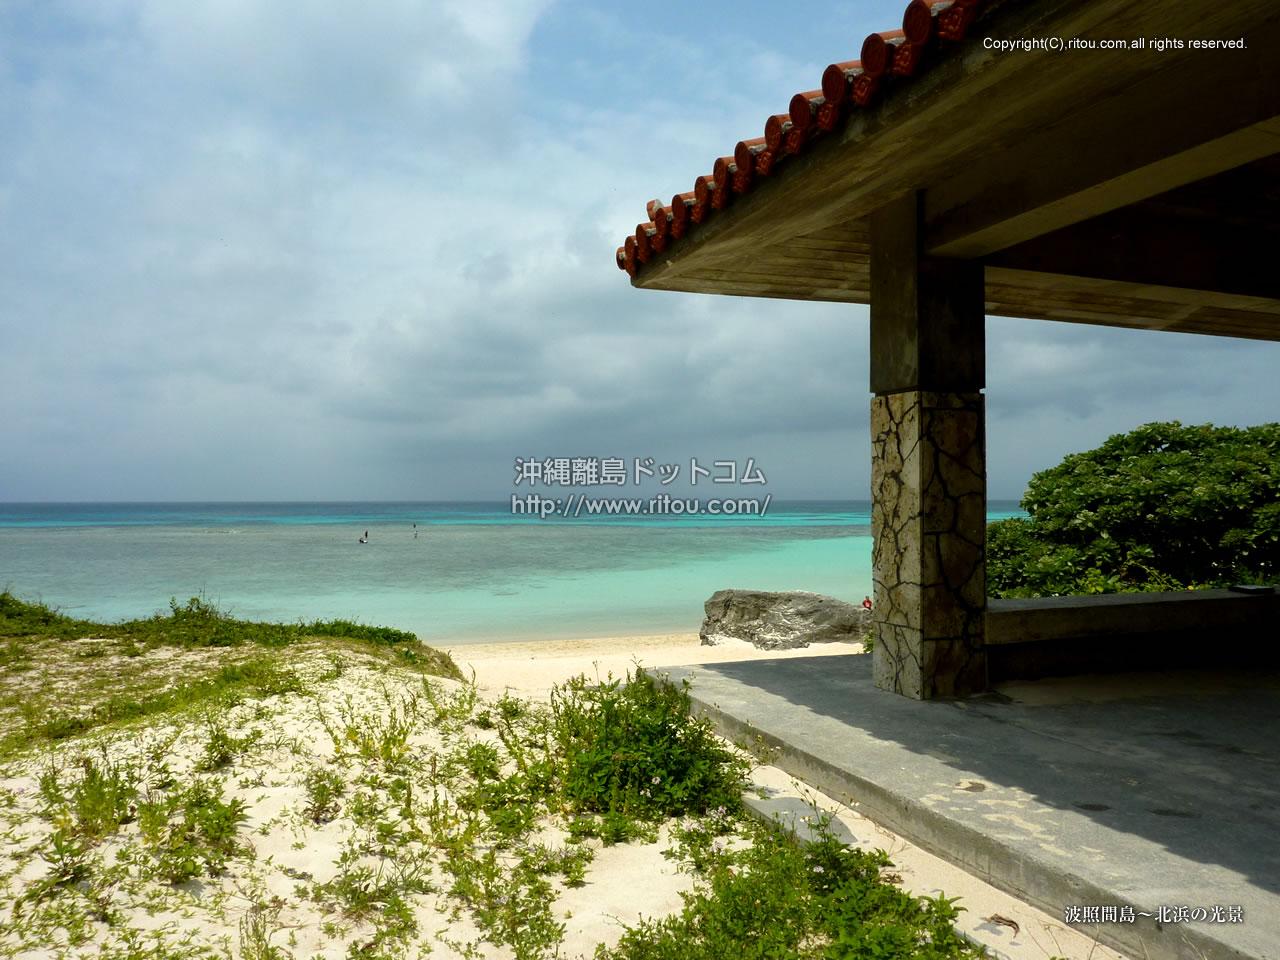 波照間島〜北浜の光景